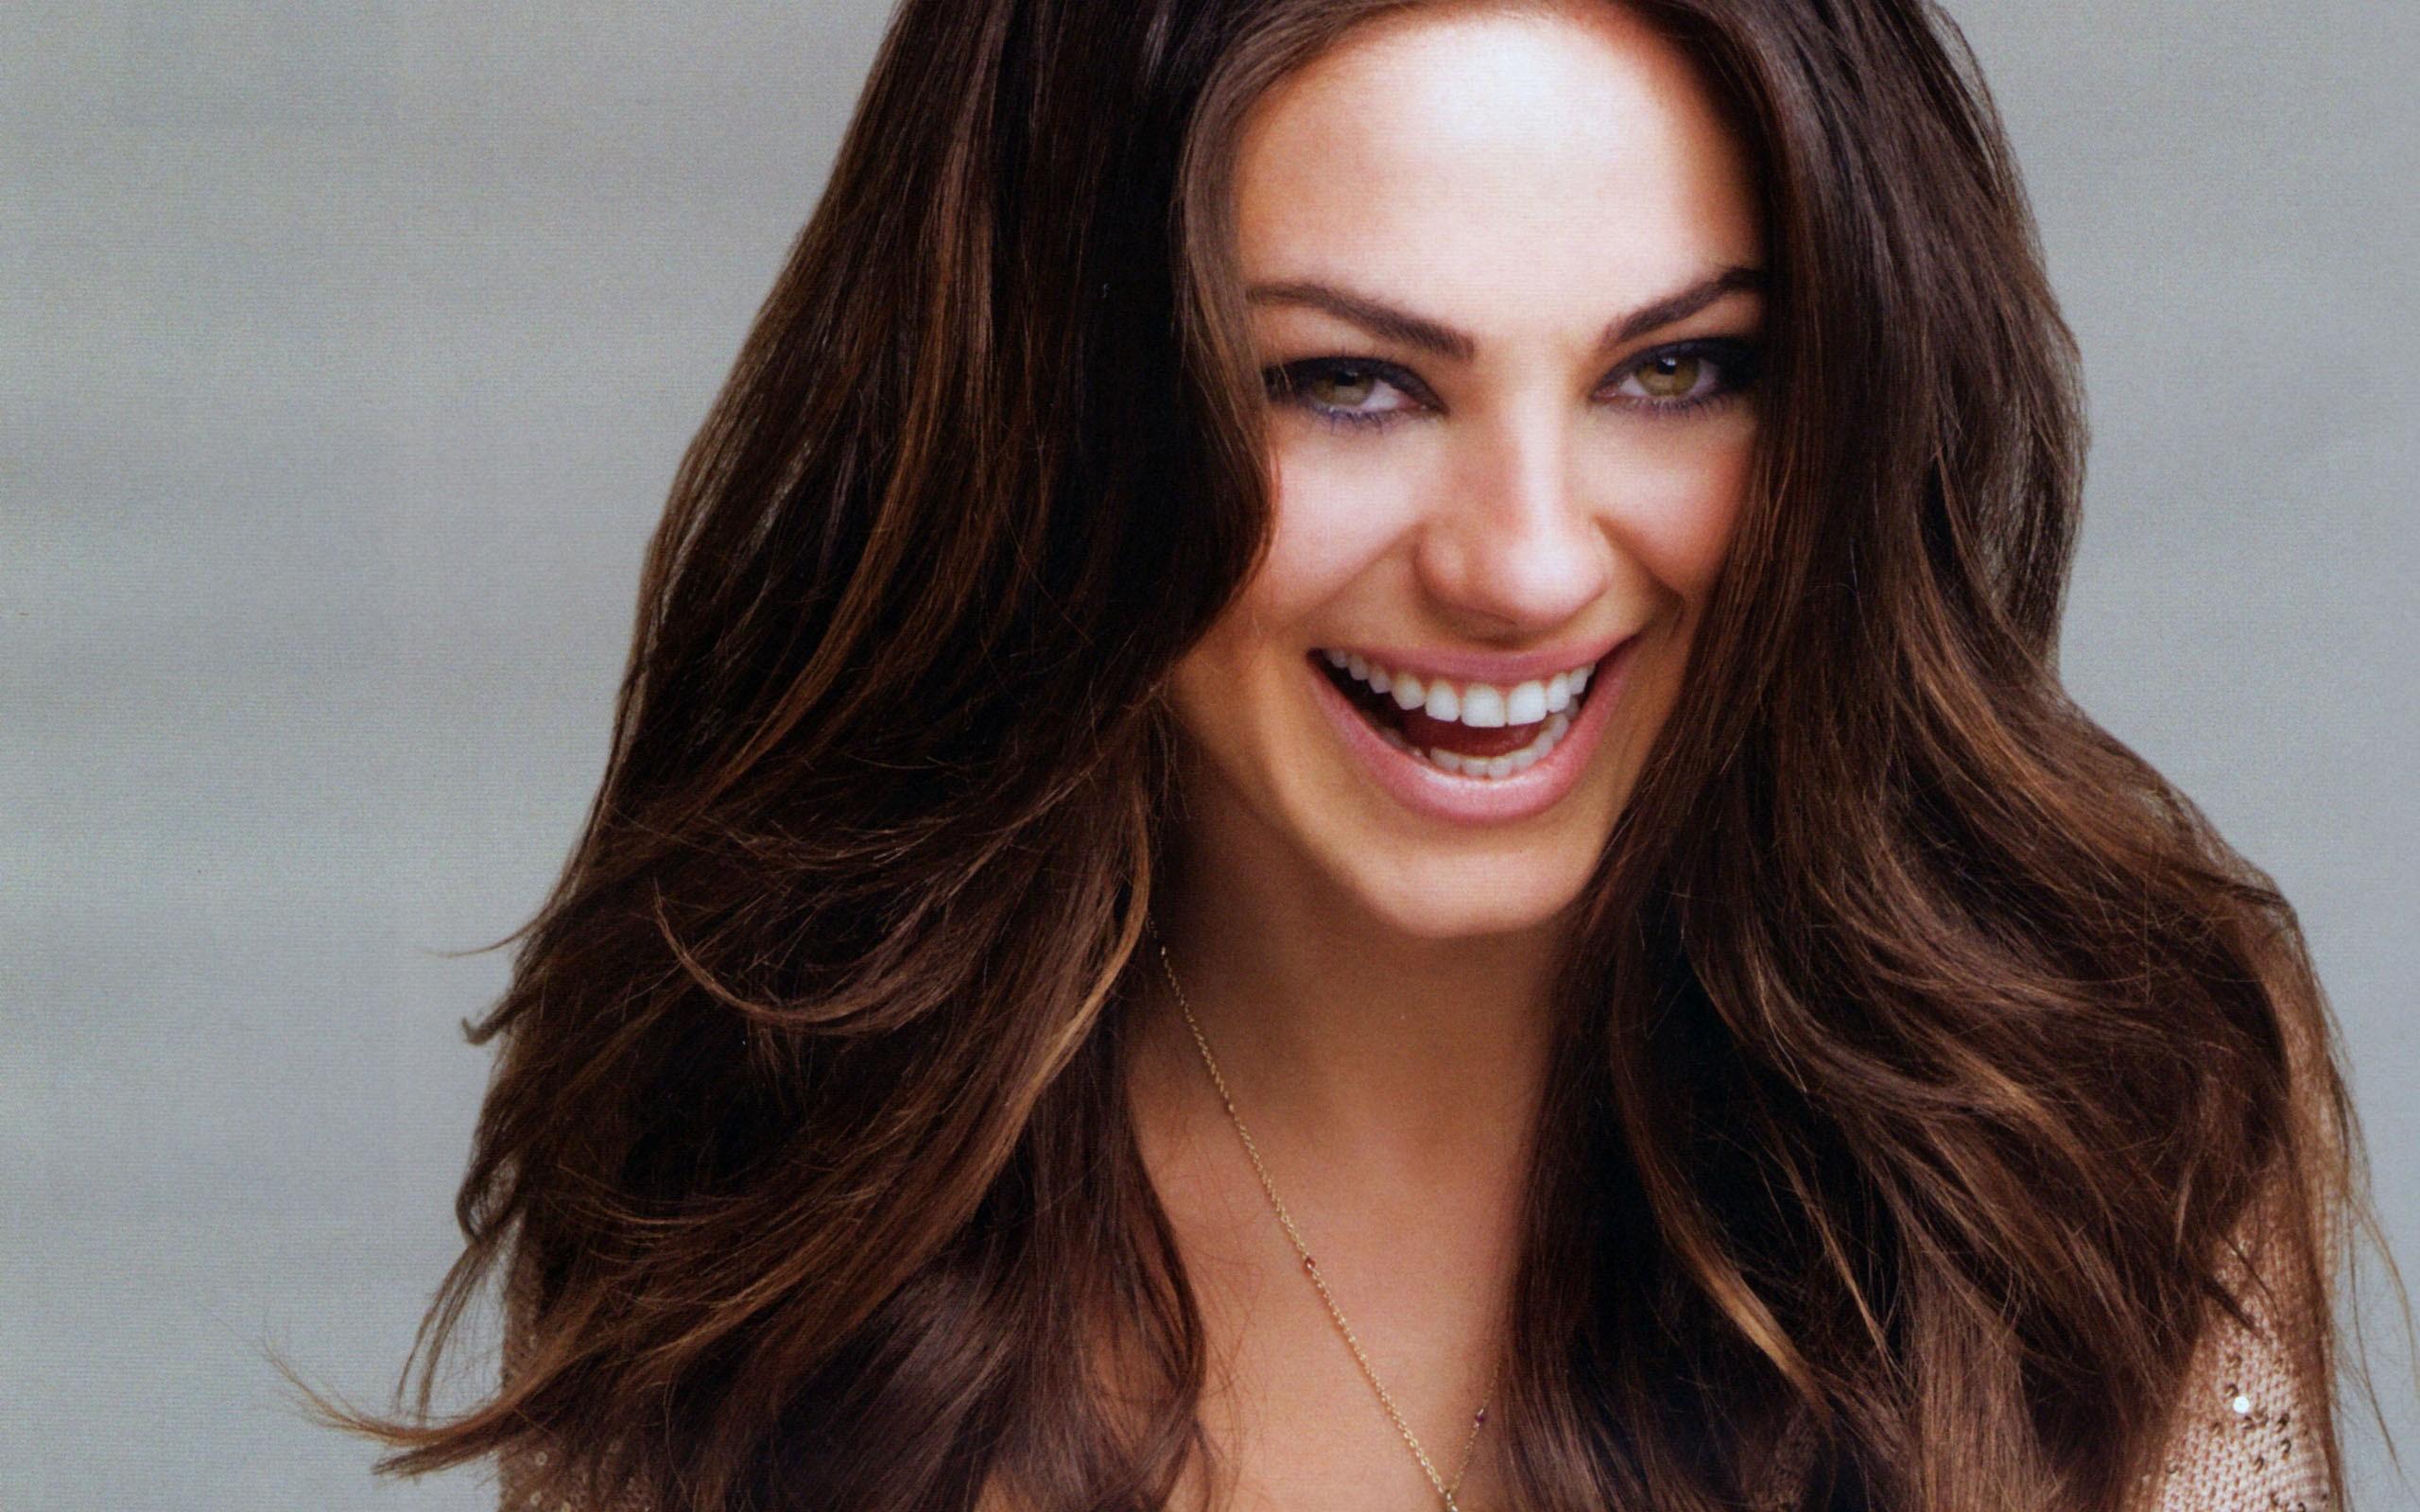 Mila Kunis Celebrity Hd Wallpaper - Mila Kunis , HD Wallpaper & Backgrounds